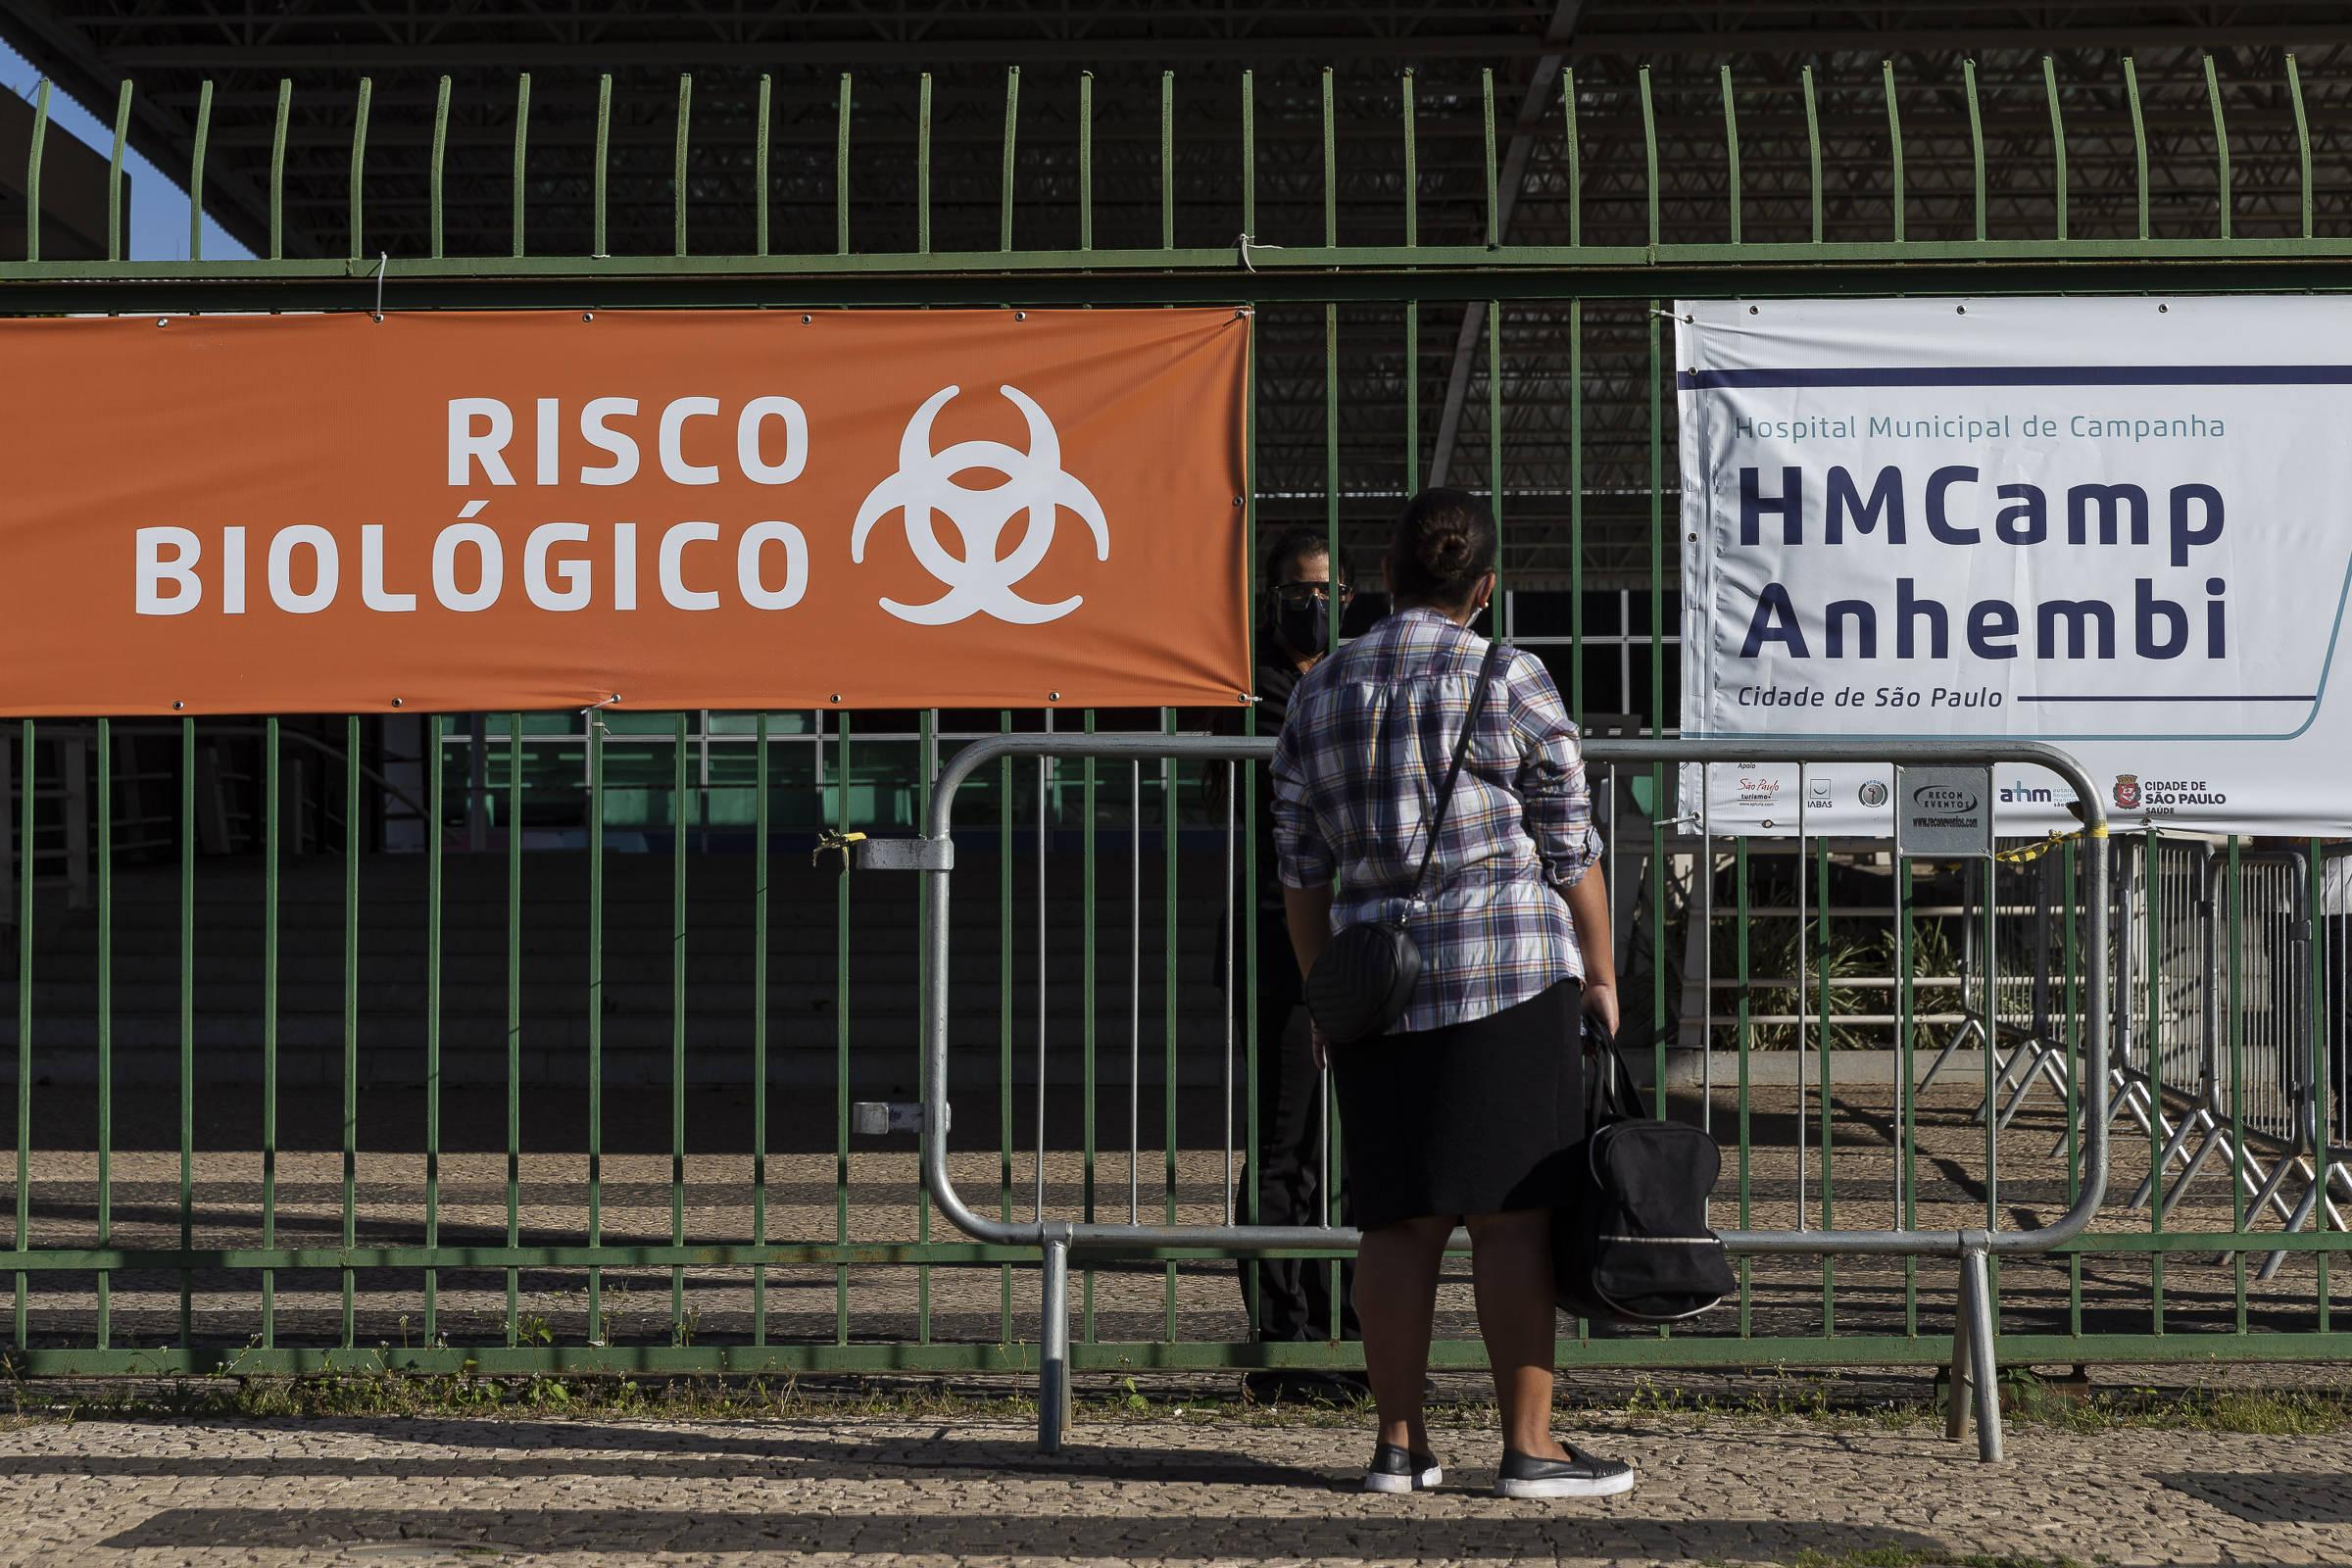 Médicos de hospitais de campanha em SP desistem de plantão devido à escassez de estrutura 25/05/2020 - Cotidiano